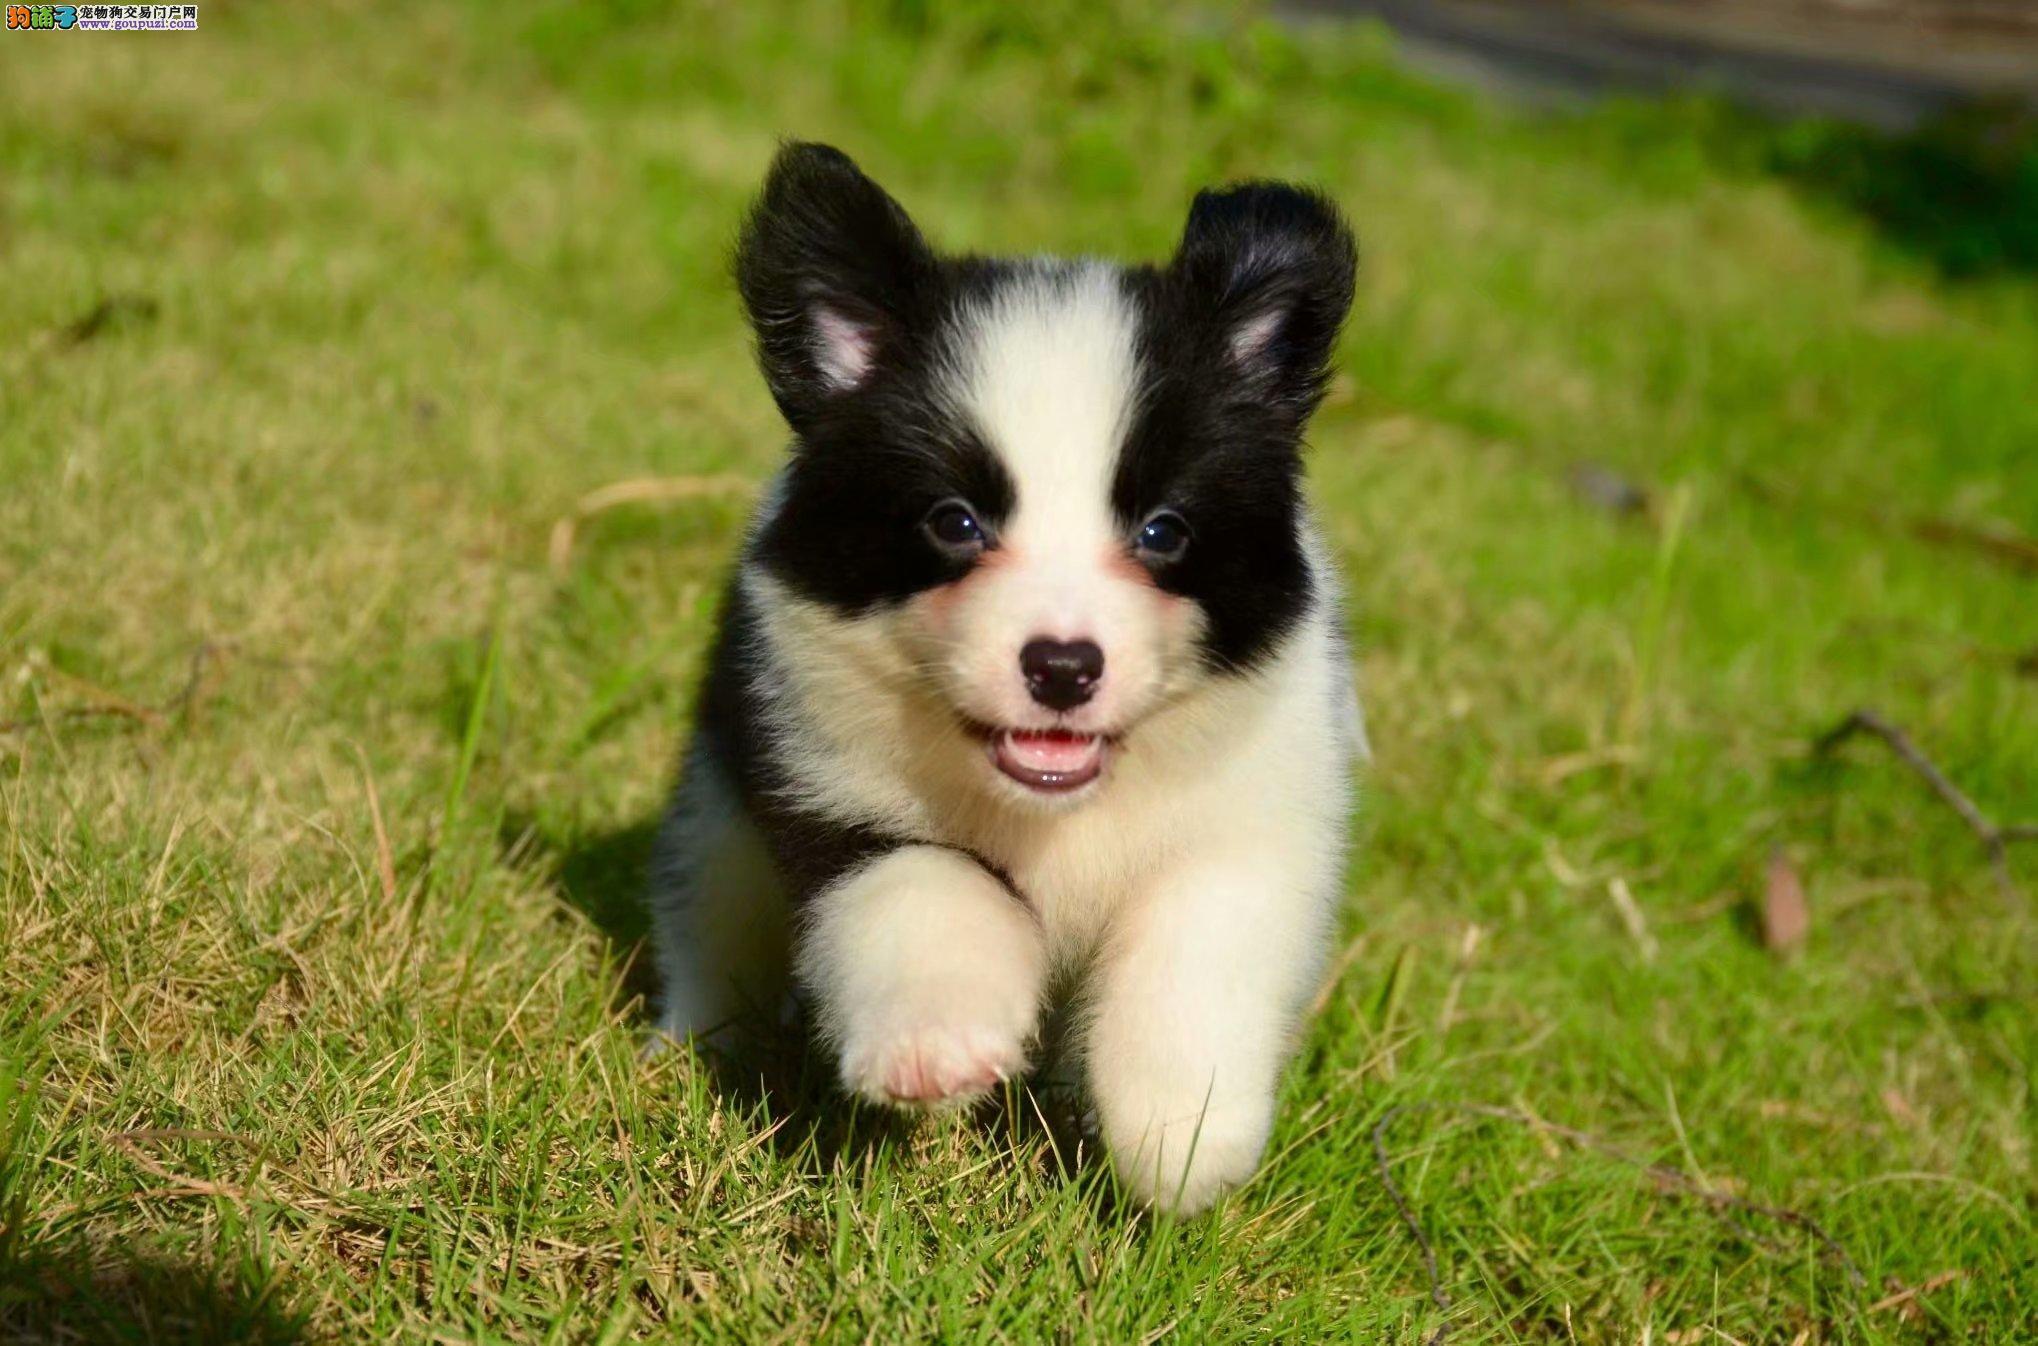 边境纯种牧羊犬养殖基地 出售纯种赛级健康边境幼犬4